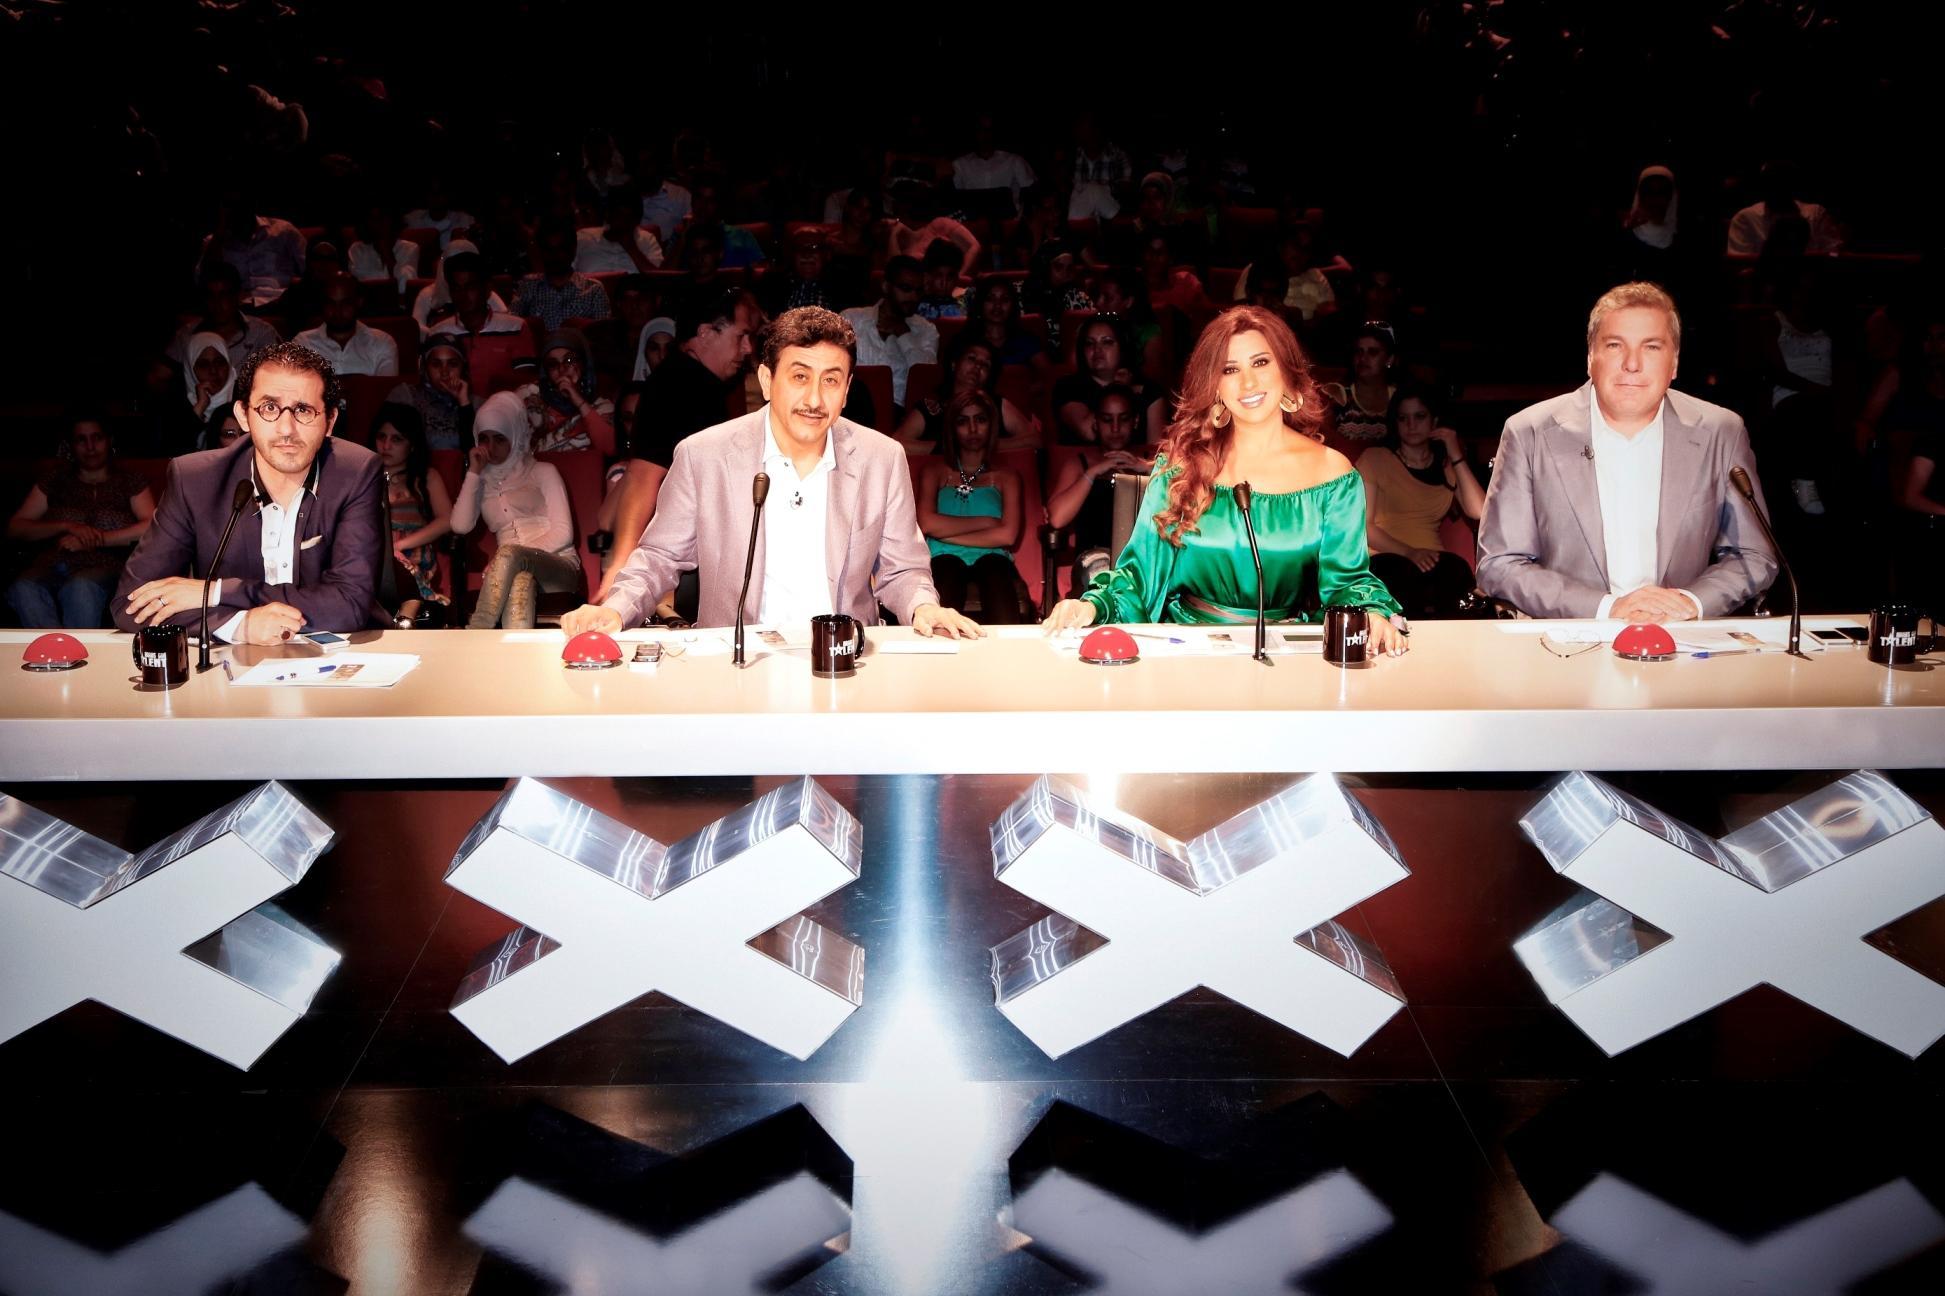 موعد عرب جوت تالنت 2016 الموسم الخامس Arabs Got Talent 5